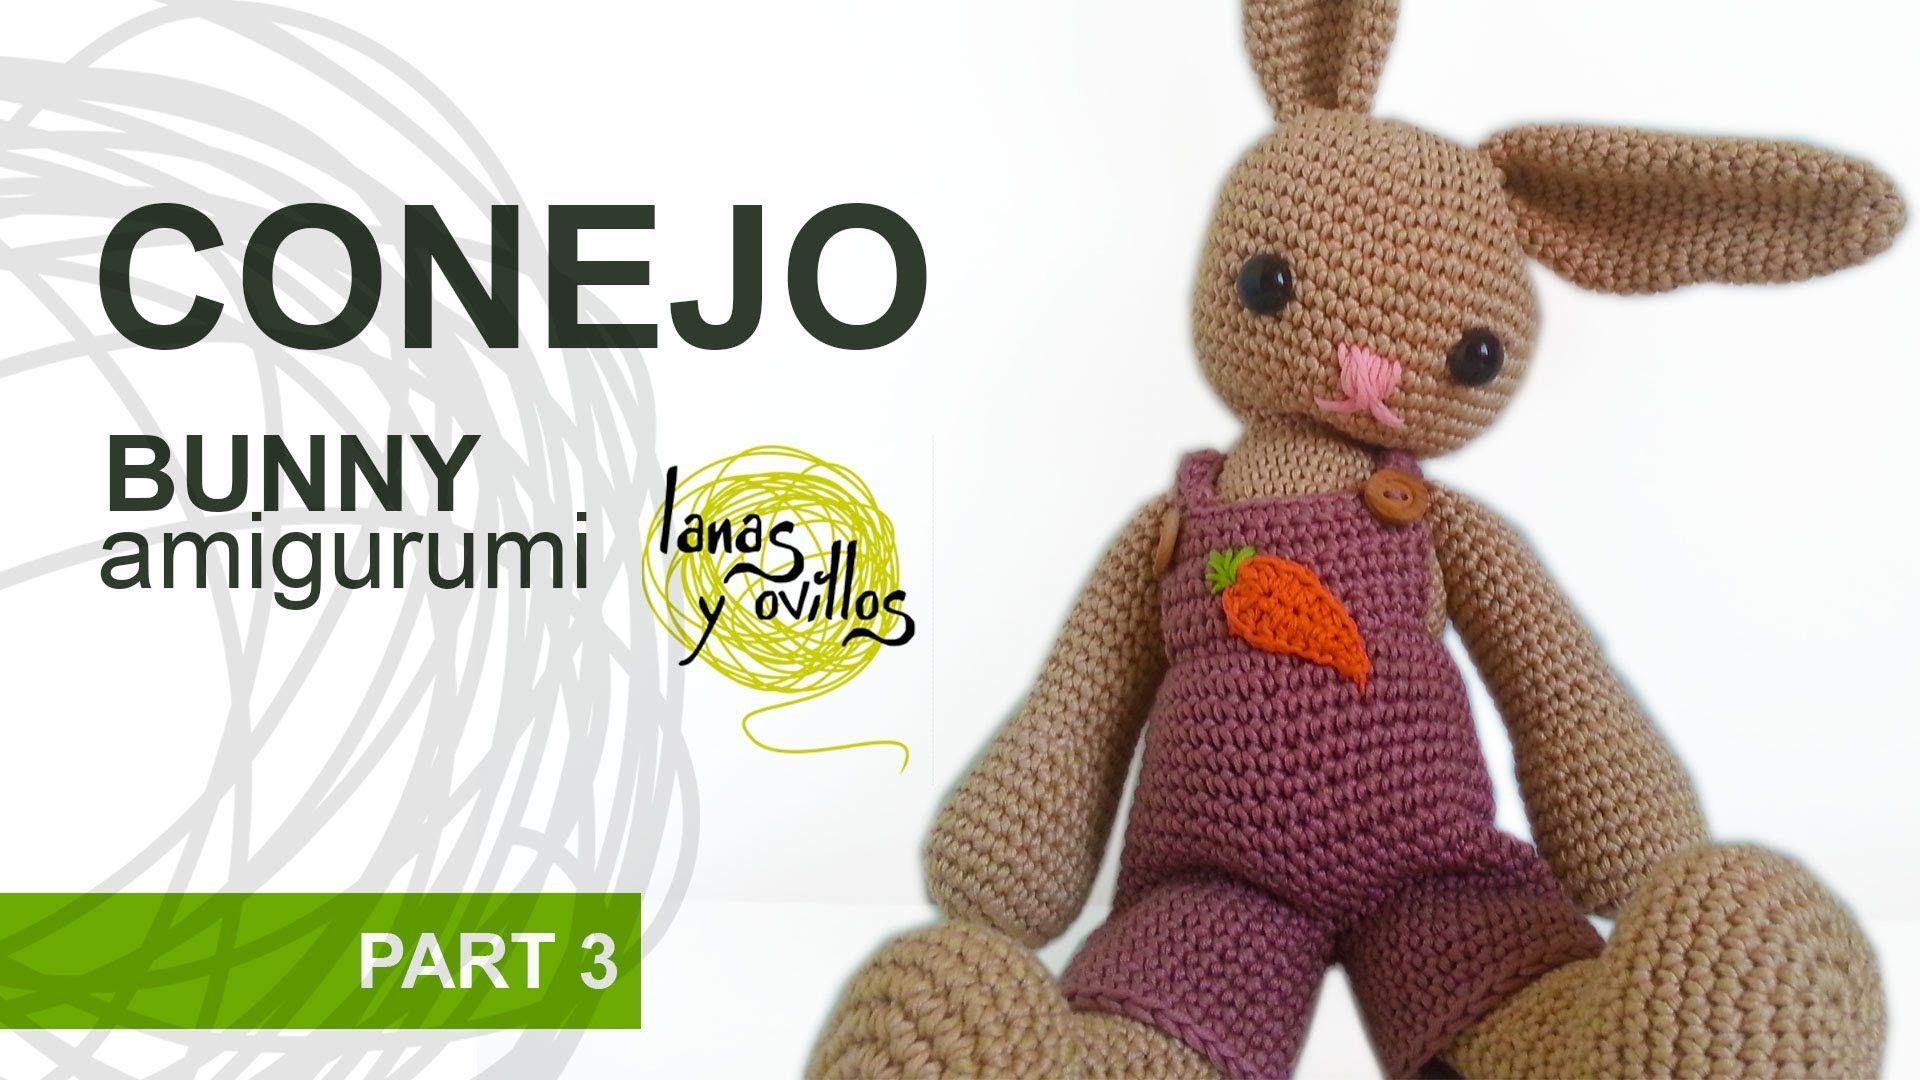 Tutorial Conejo Amigurumi Parte 3 Bunny | amigurimi | Pinterest ...